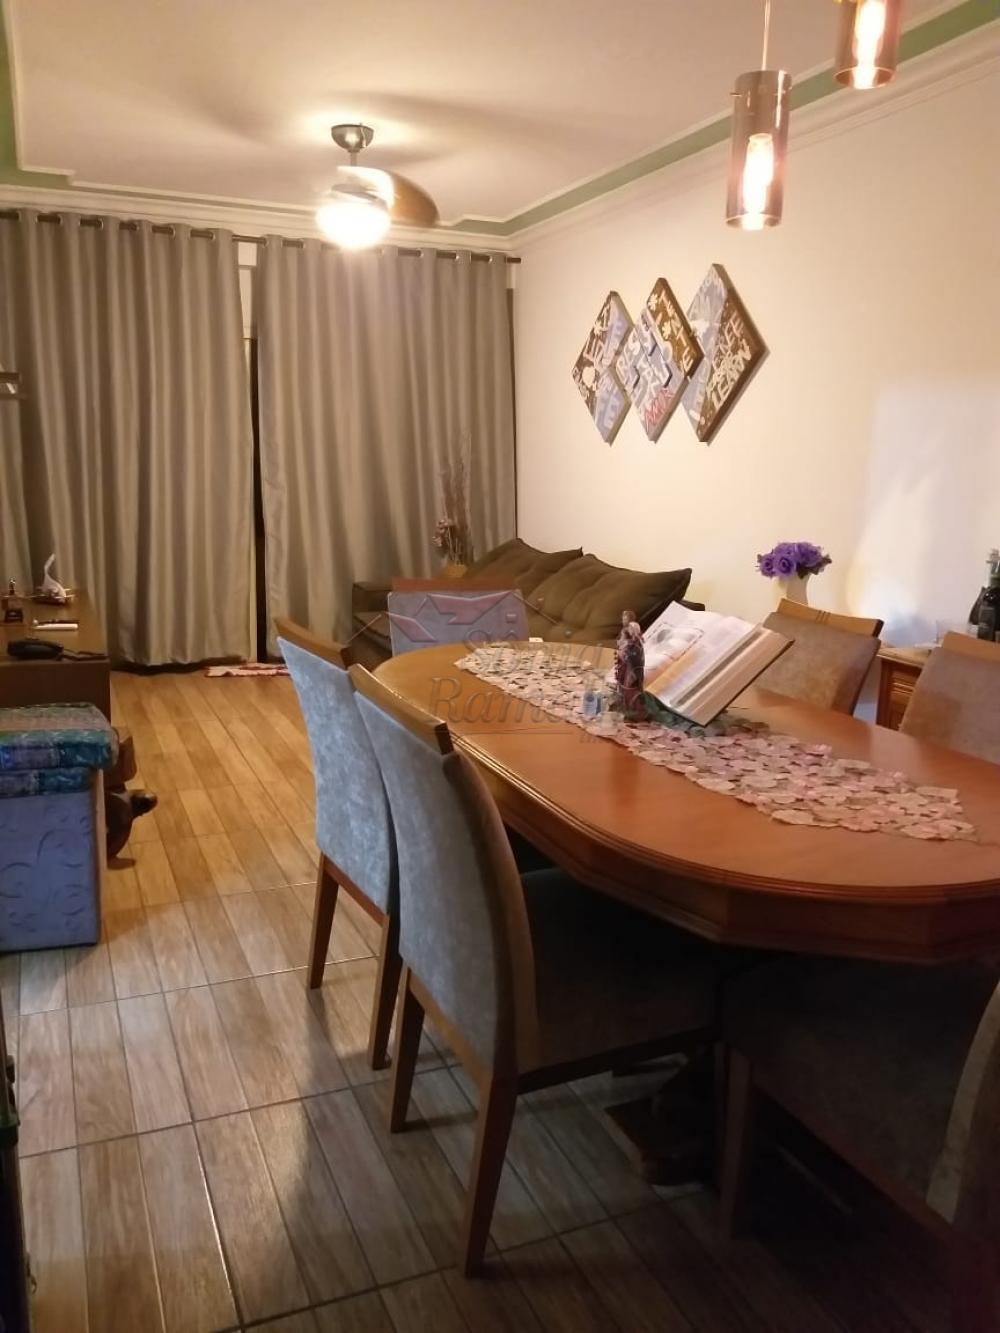 Comprar Apartamentos / Padrão em Ribeirão Preto apenas R$ 196.000,00 - Foto 22